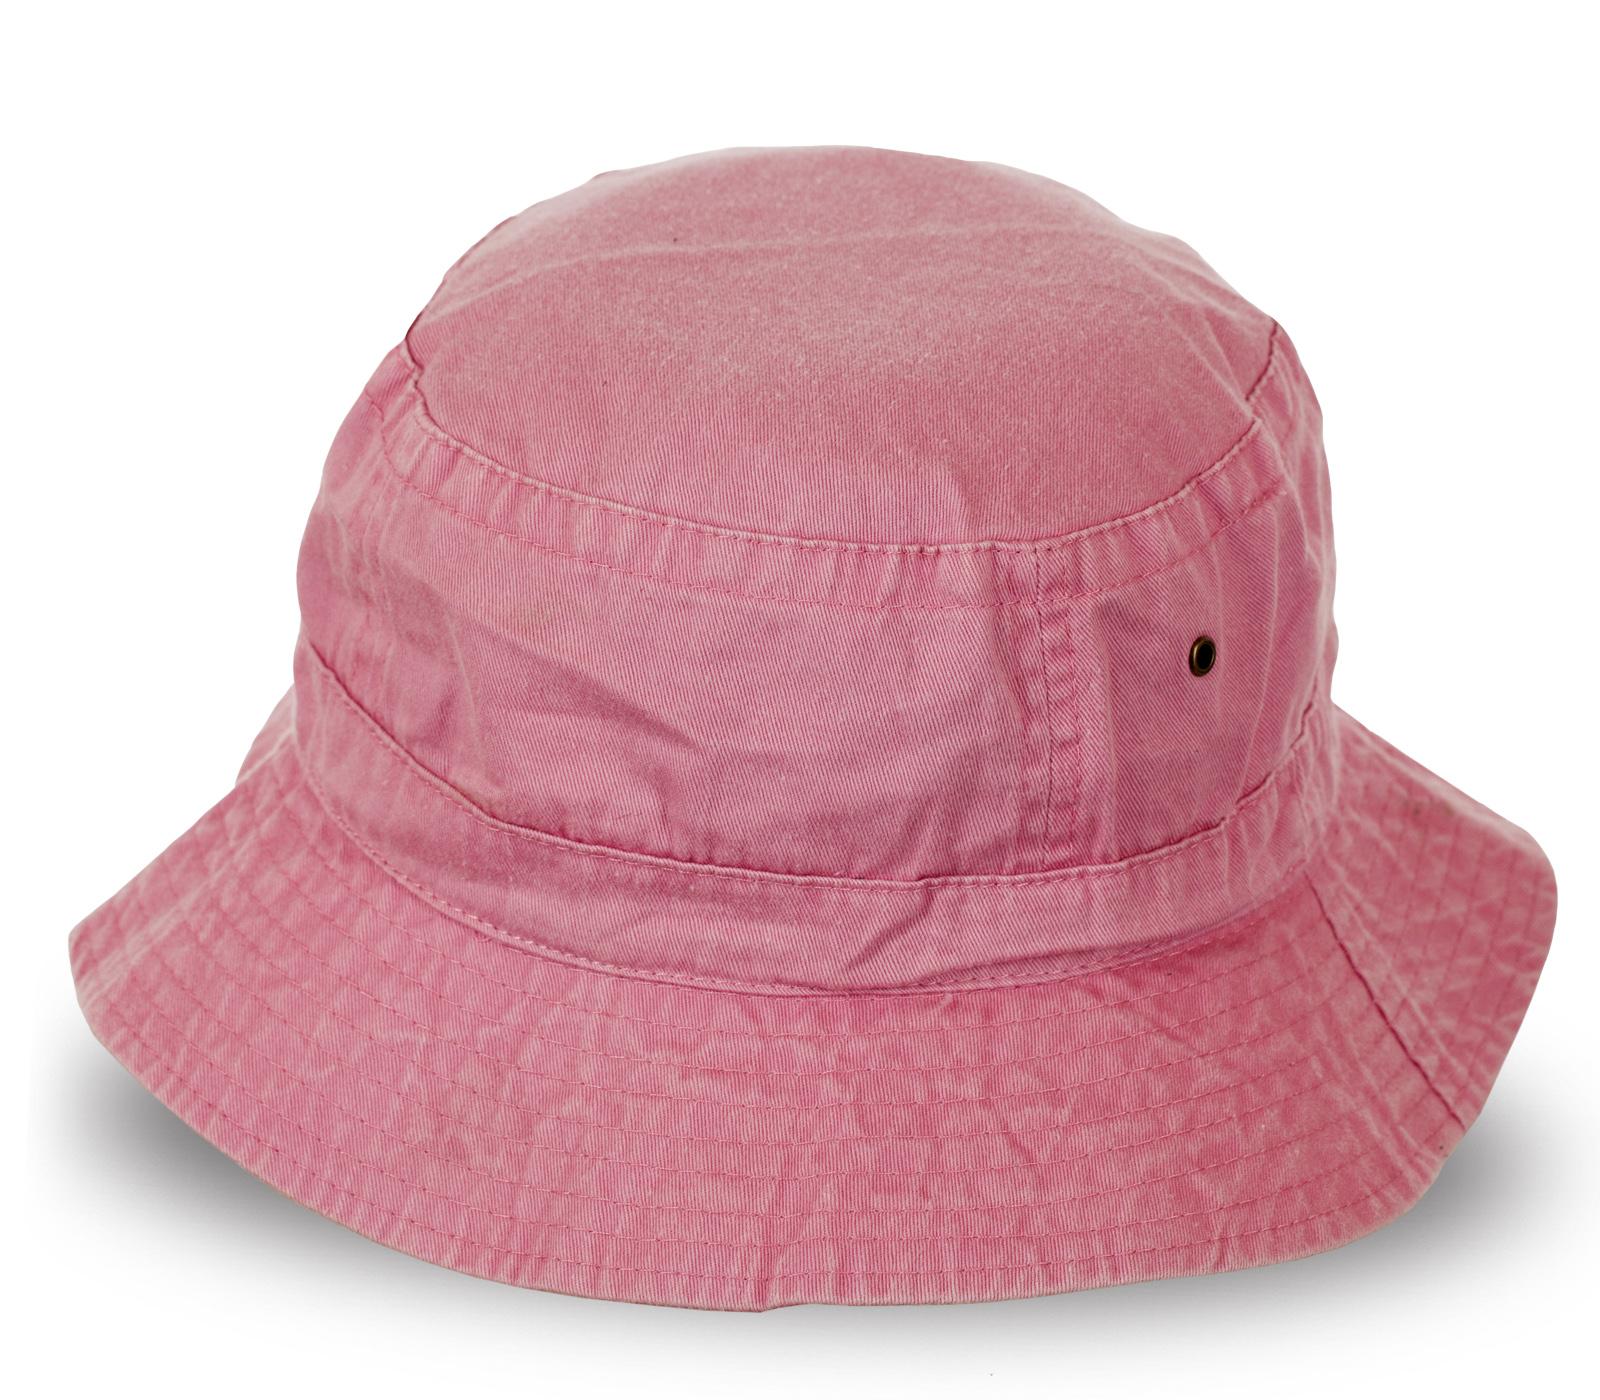 Нежно-розовая панама - купить онлайн с доставкой